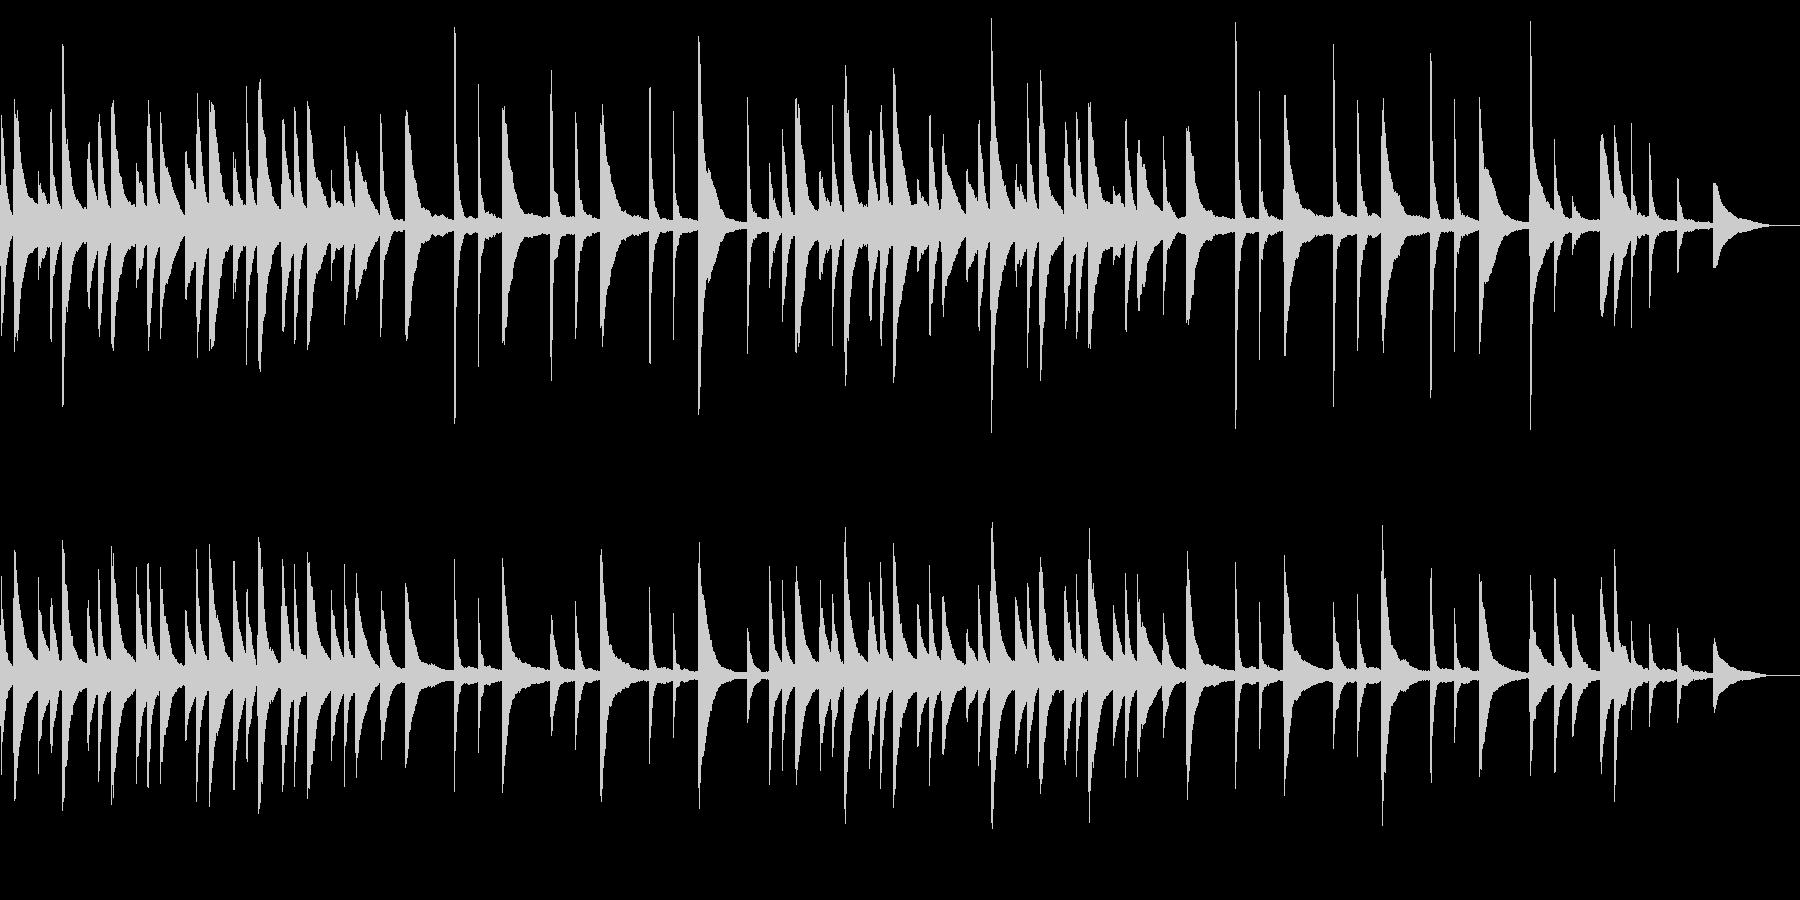 暗く穏やかな雰囲気のピアノBGMの未再生の波形